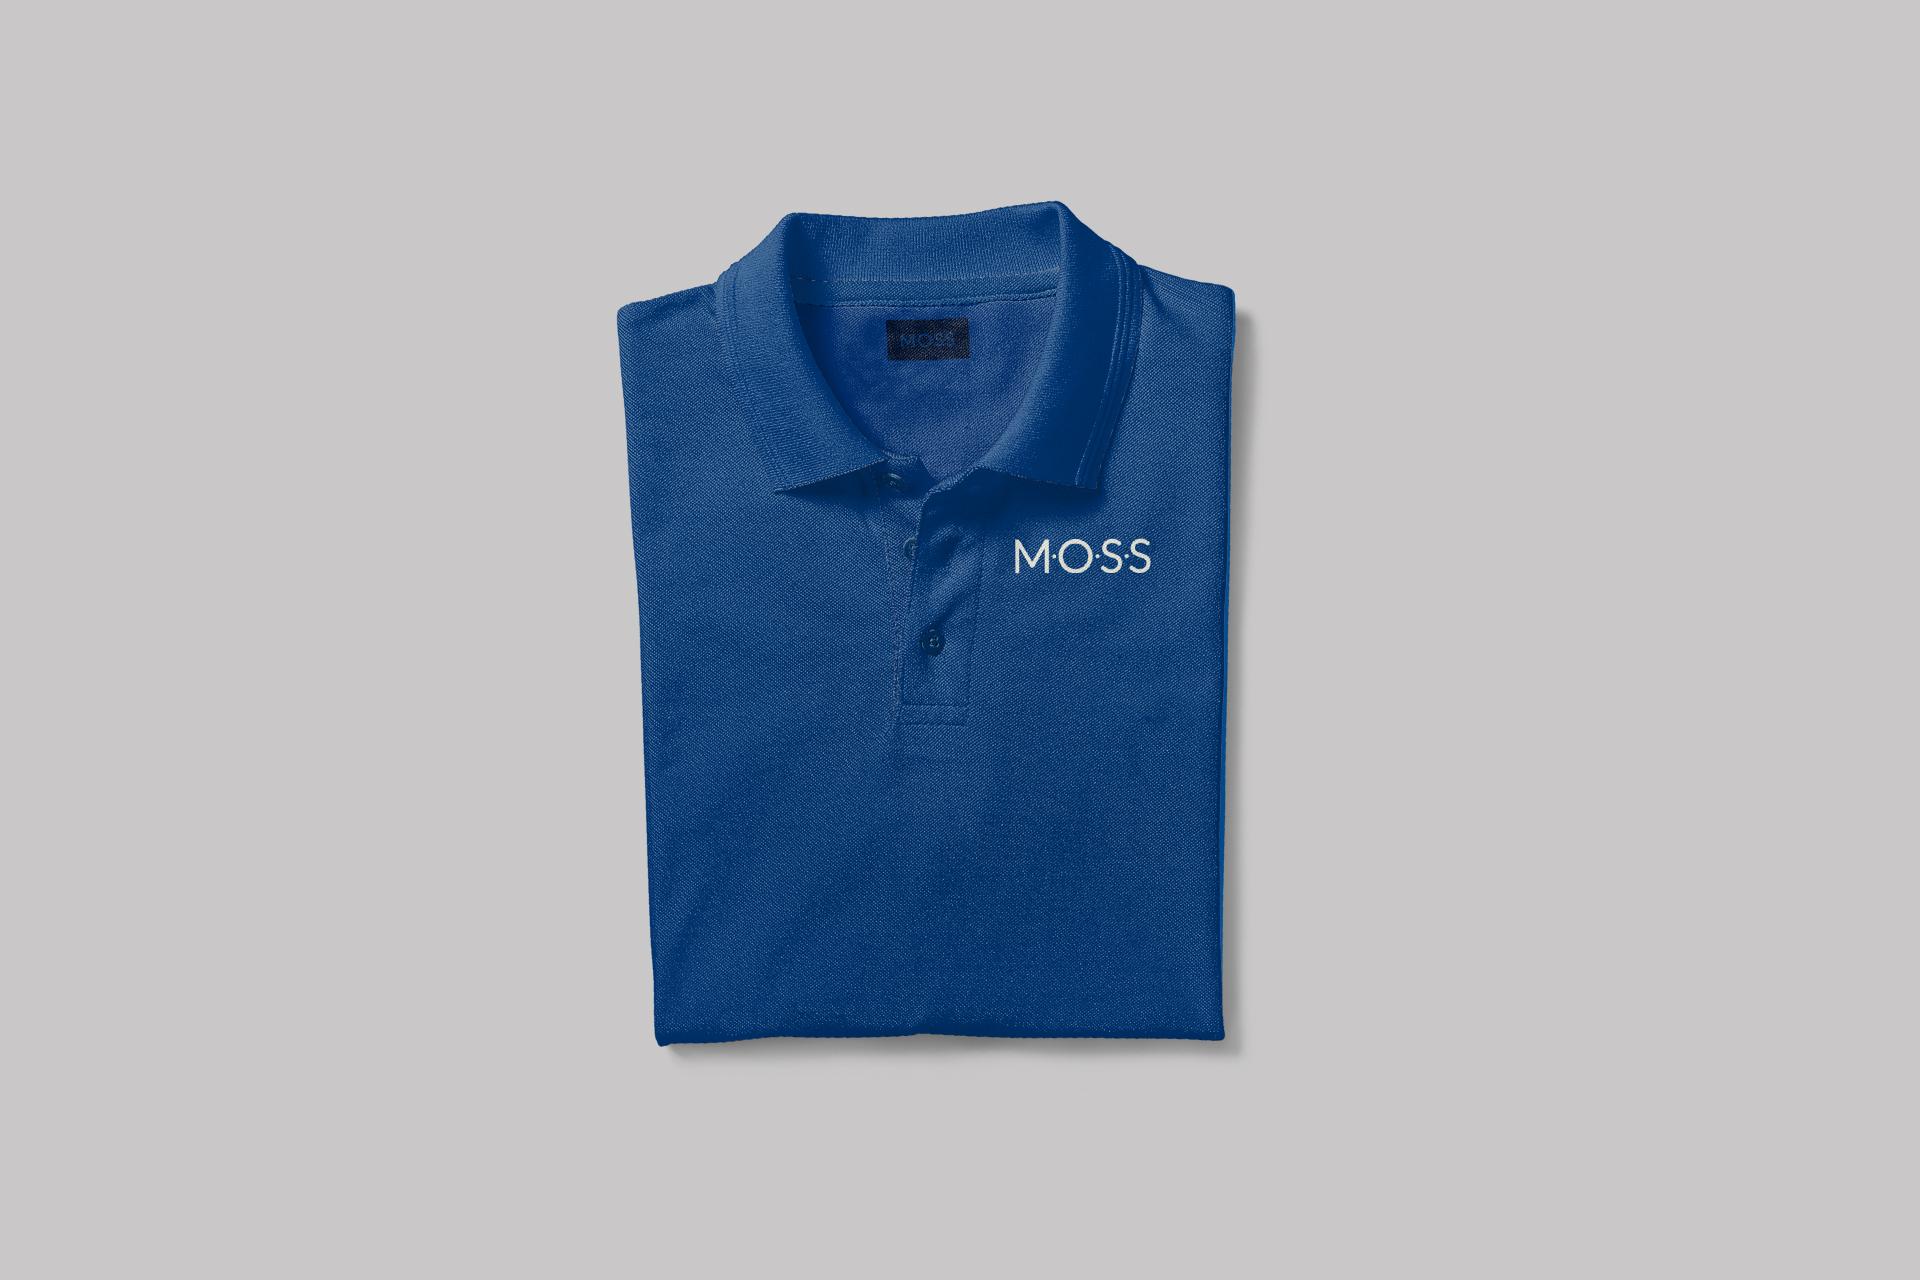 MOSS Uniform